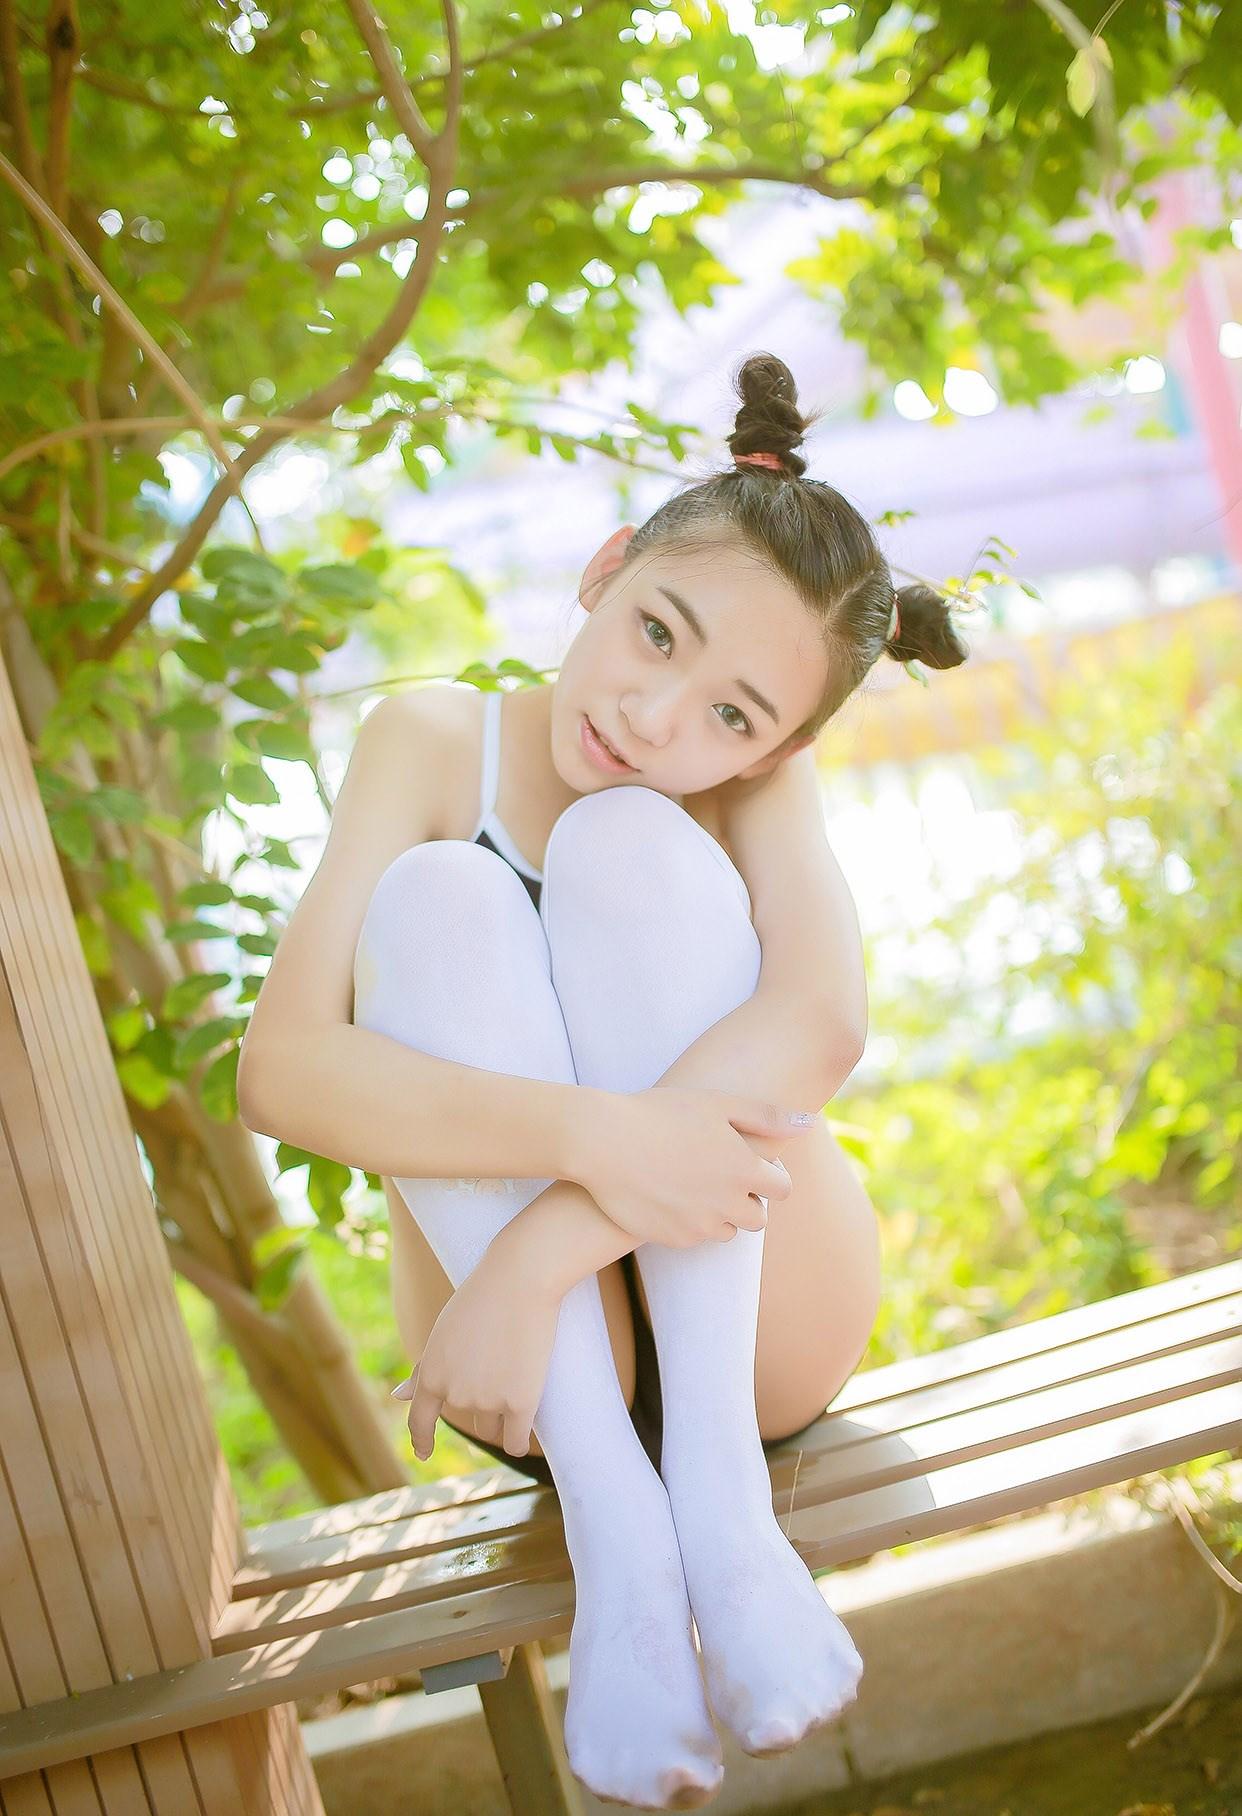 【兔玩映画】甜甜的小萝莉 兔玩映画 第31张